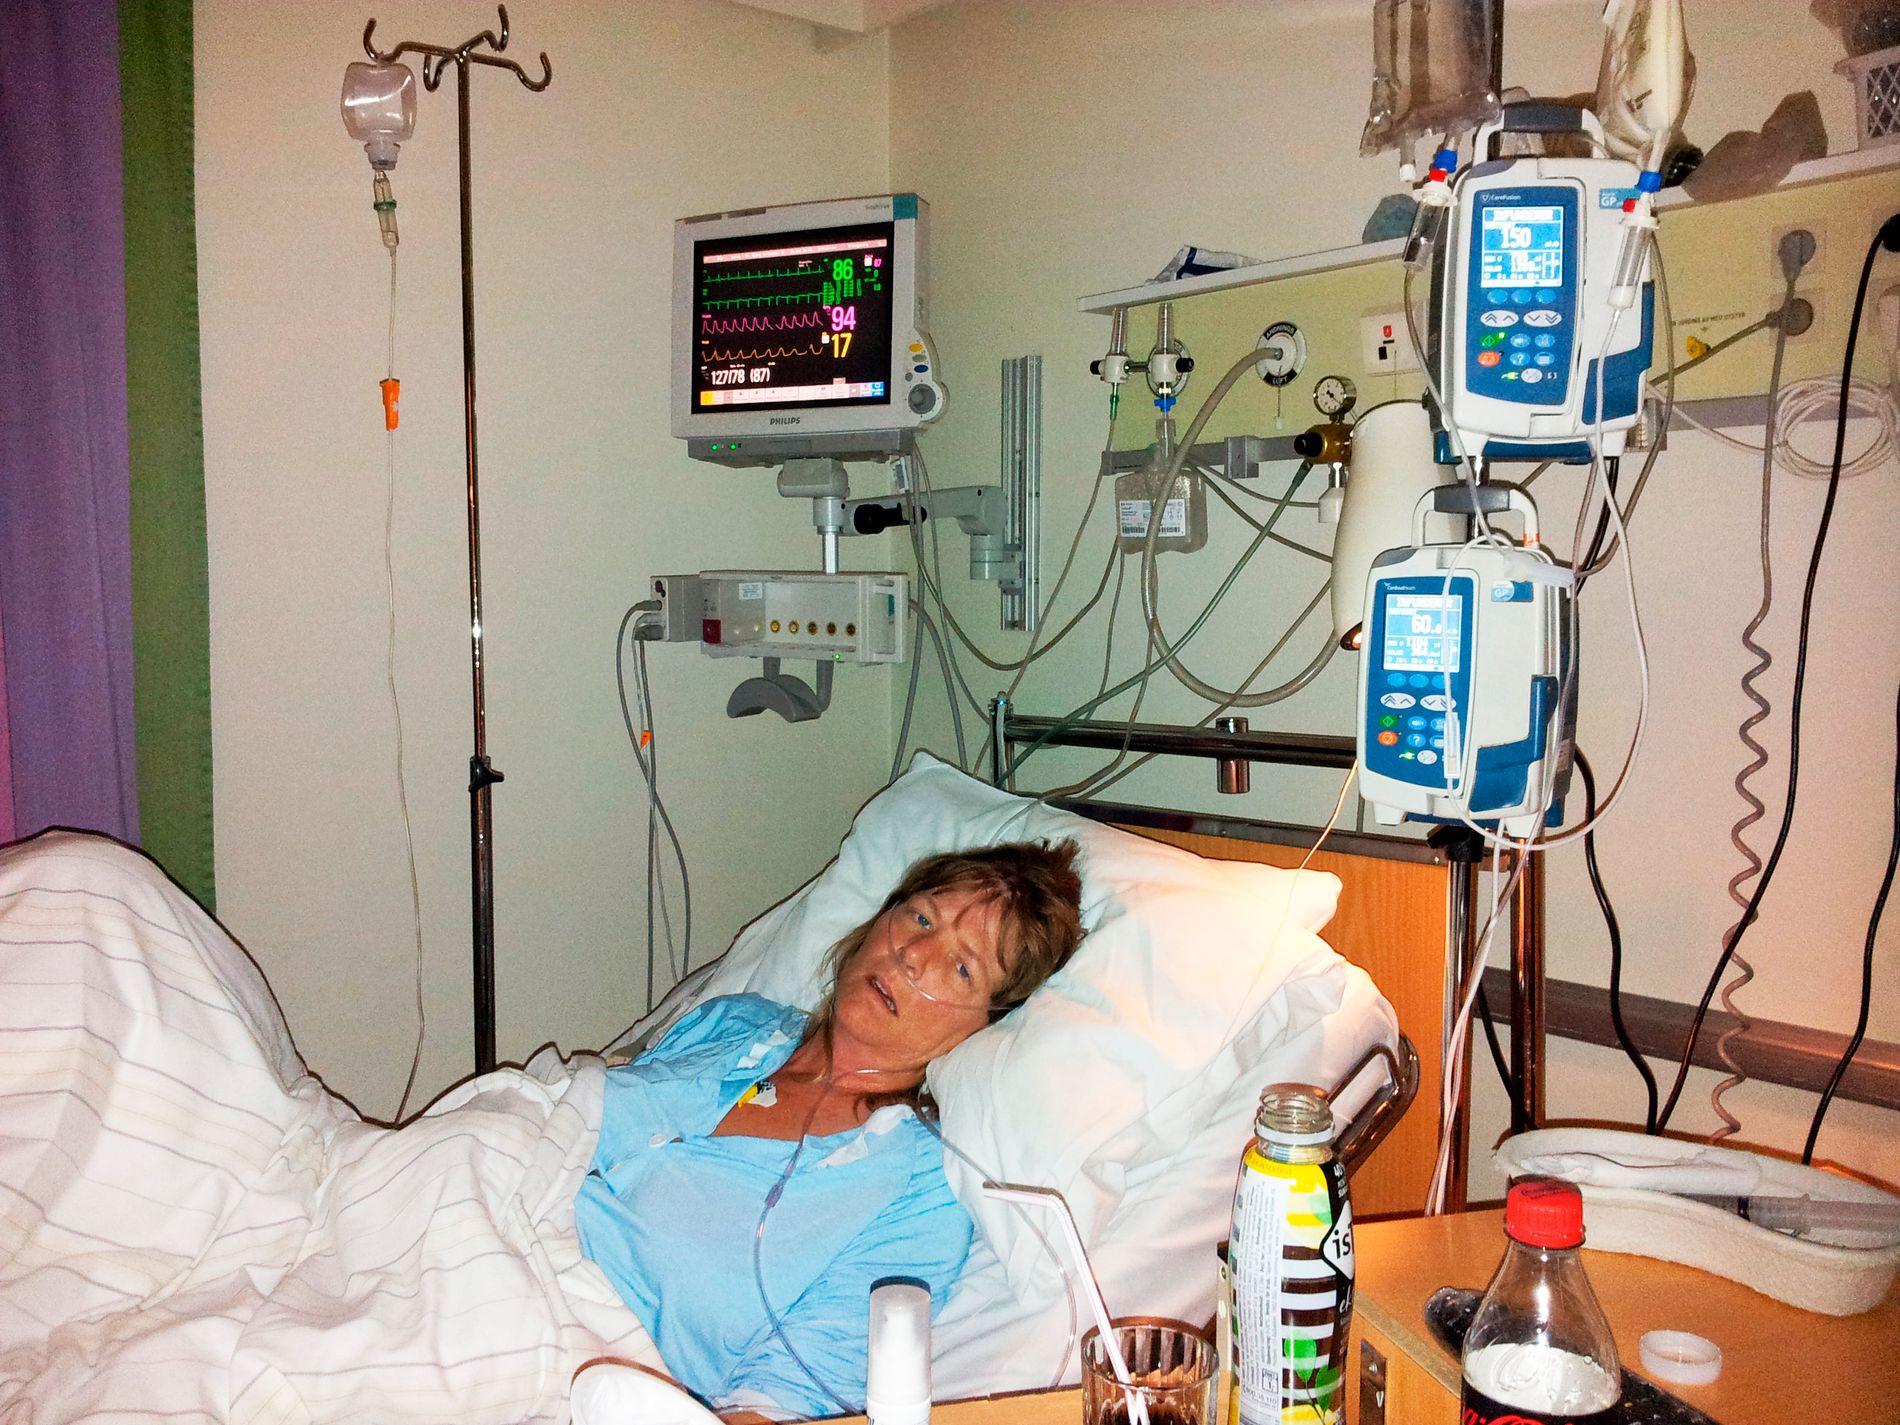 BLE FRISK: Kreftsyke Bjørg Dalen var døden nær. Privat behandling med immunterapi reddet henne.